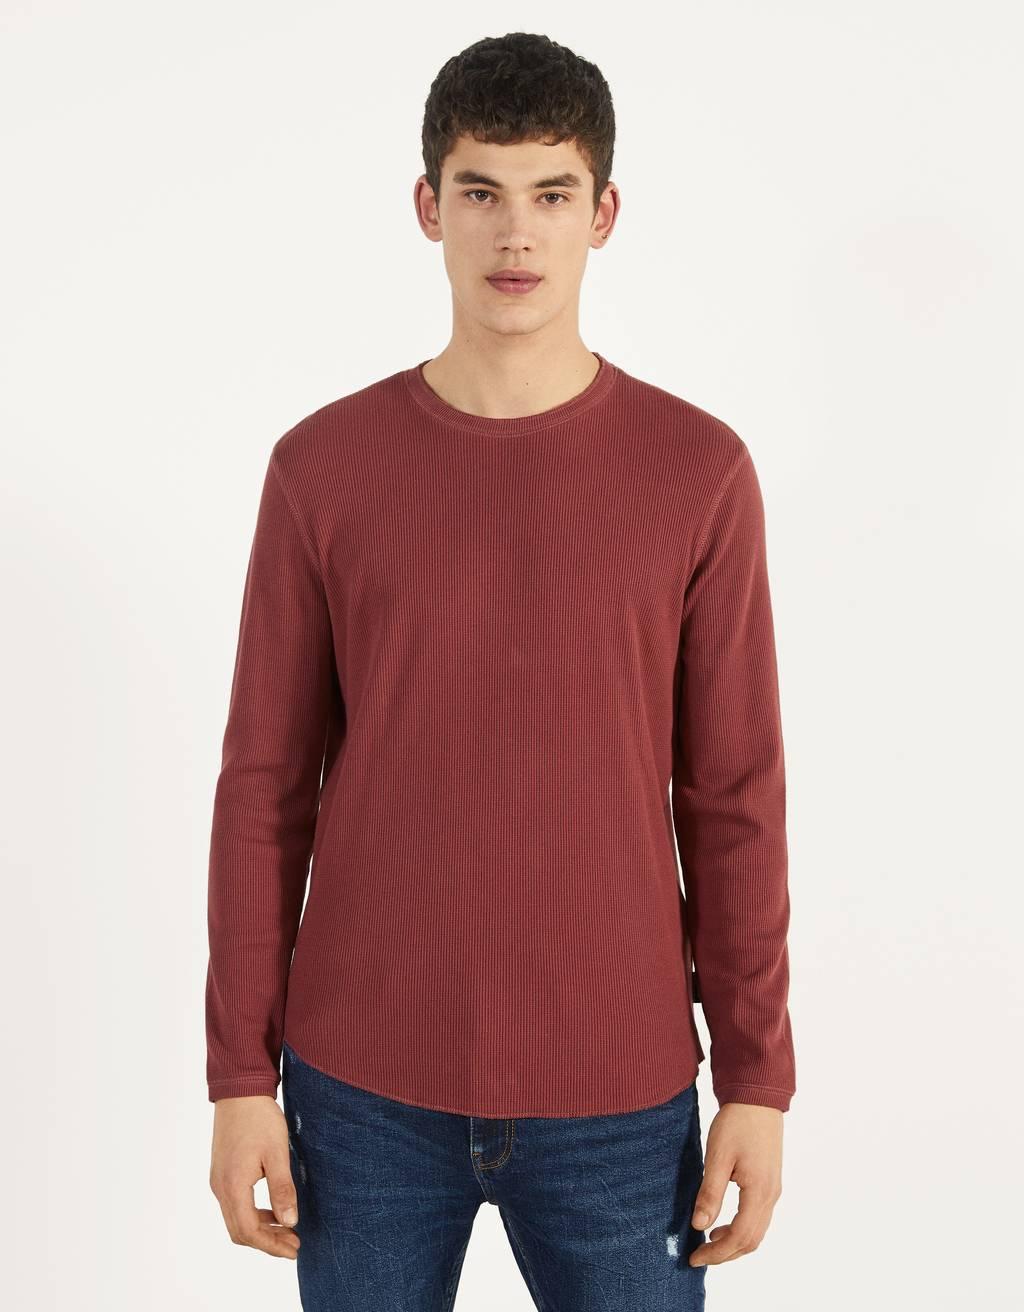 Jersey con cuello redondo